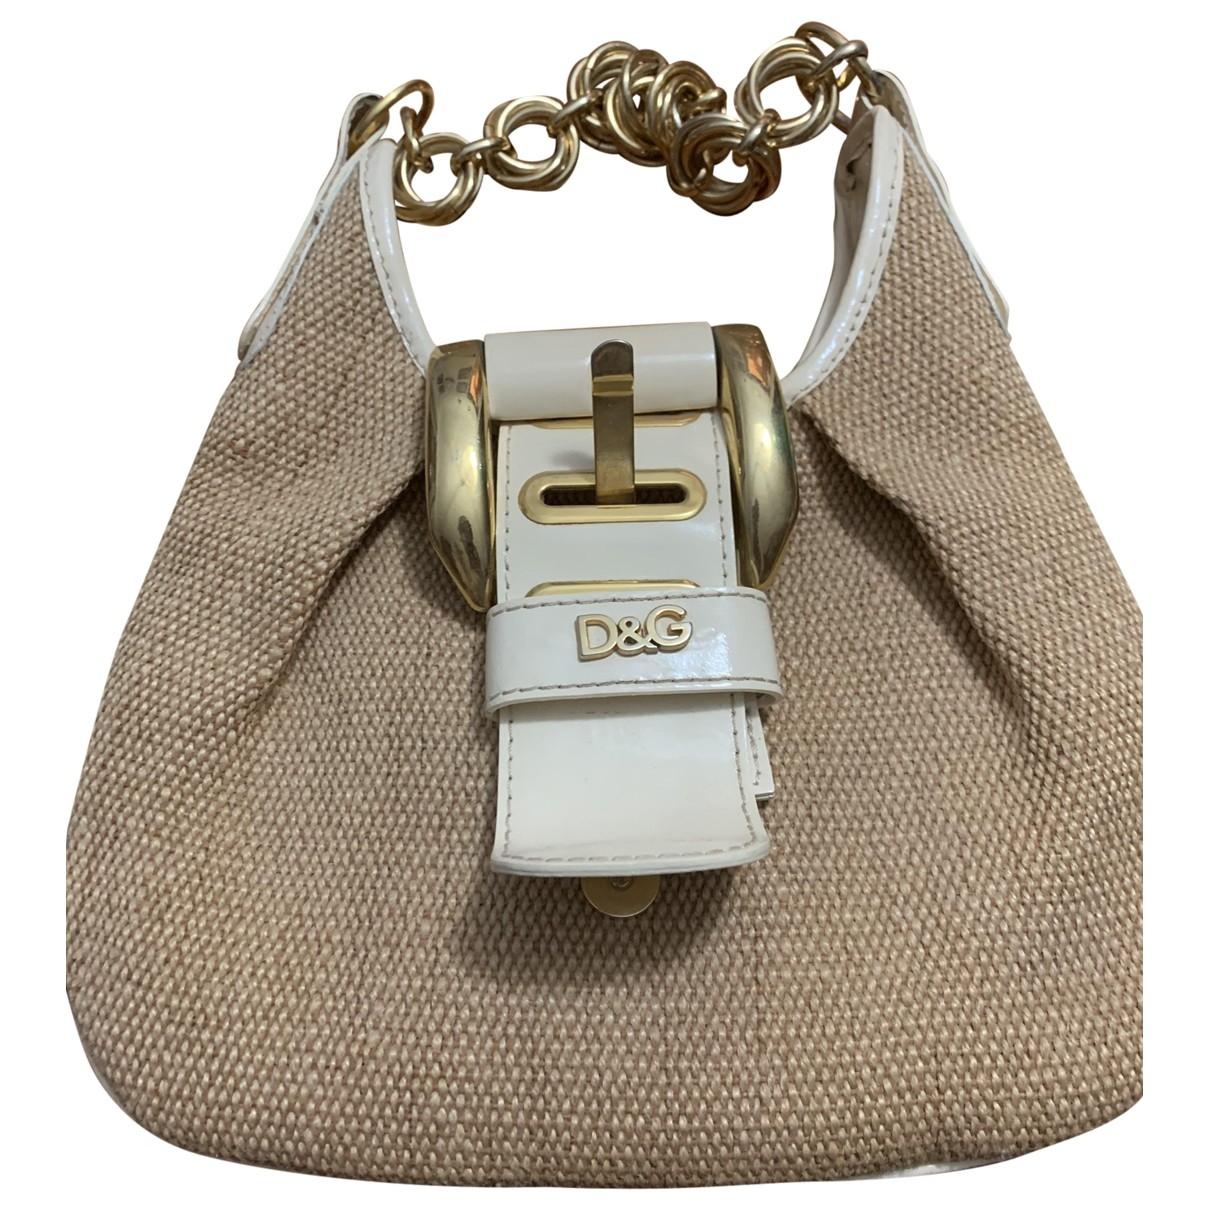 D&g \N Handtasche in  Gold Stroh